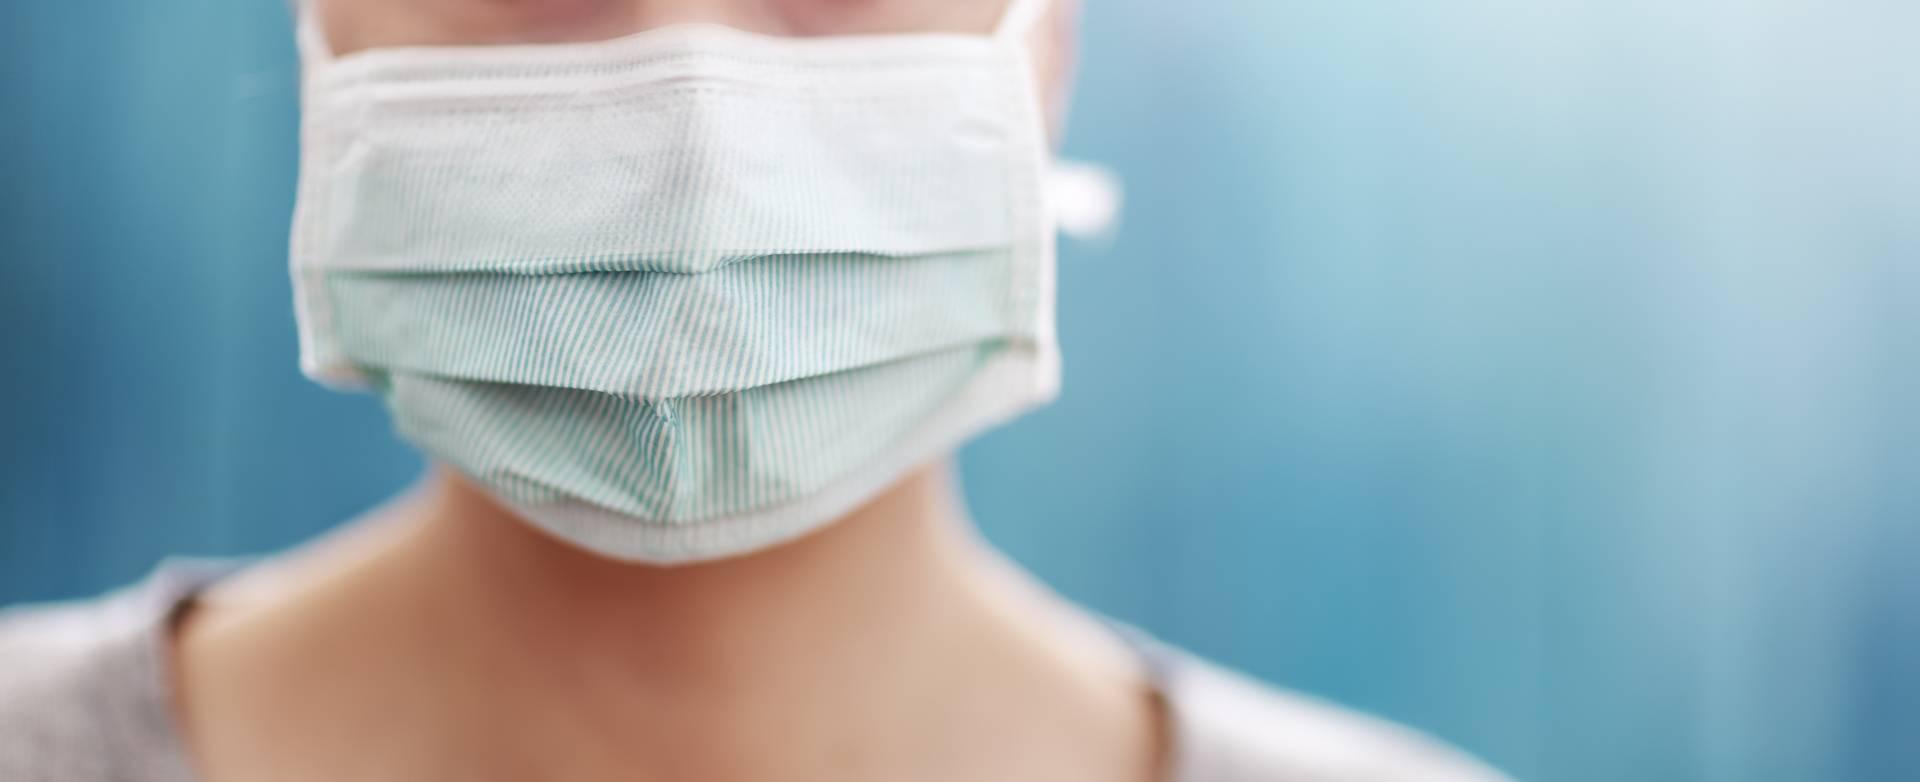 Nosić maseczki przeciwwirusowe czy nie?